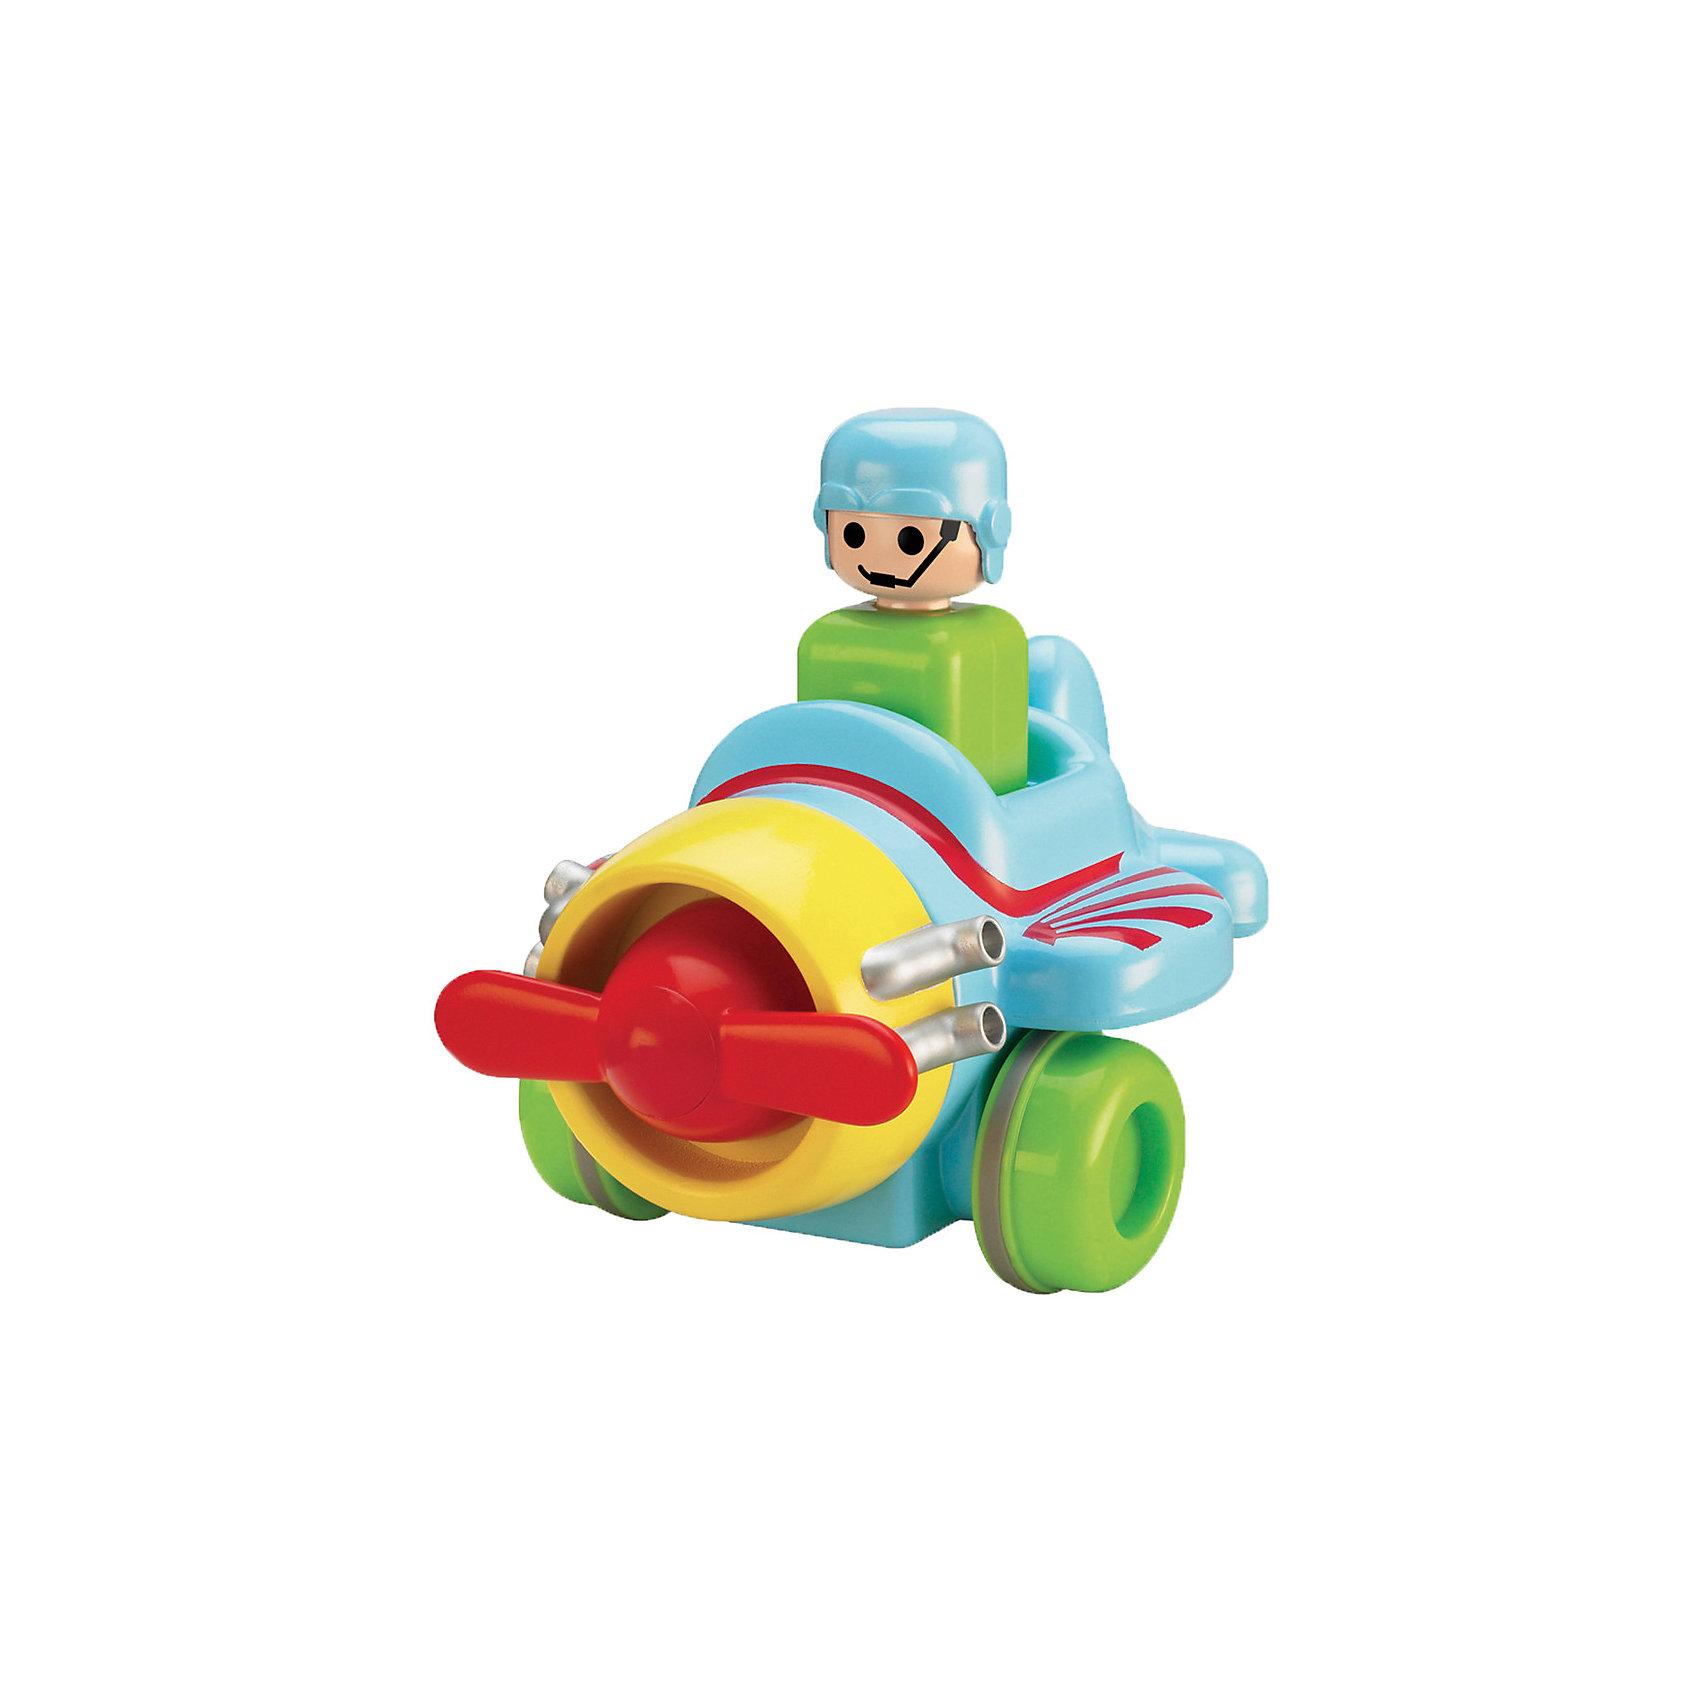 Самолёт Нажимай и гоняй, TOMYСамолет Нажимай и гоняй, TOMY (Томи).<br><br>Характеристика:<br><br>• Материал: пластик, металл. <br>• Размер упаковки: 13х16х13 см. <br>• Размер: 14 см.<br>• Подвижные колеса. <br>• Если нажать на голову водителя, машина поедет вперед. <br>• Яркий привлекательный дизайн. <br>• Не имеет острых углов. <br>• Развивает моторику, цветовосприятие. <br><br>Яркий самолетик обязательно привлечет внимание малышей и сделает игры крохи еще интереснее и веселее. Стоит только нажать на шлем пилота, как самолет быстро поедет вперед. Игрушка выполнена из высококачественных нетоксичных материалов, не имеет острых углов, абсолютно безопасна для детей. <br><br>Самолет Нажимай и гоняй, TOMY (Томи), можно купить в нашем интернет-магазине.<br><br>Ширина мм: 120<br>Глубина мм: 210<br>Высота мм: 170<br>Вес г: 80<br>Возраст от месяцев: 12<br>Возраст до месяцев: 60<br>Пол: Мужской<br>Возраст: Детский<br>SKU: 5361381